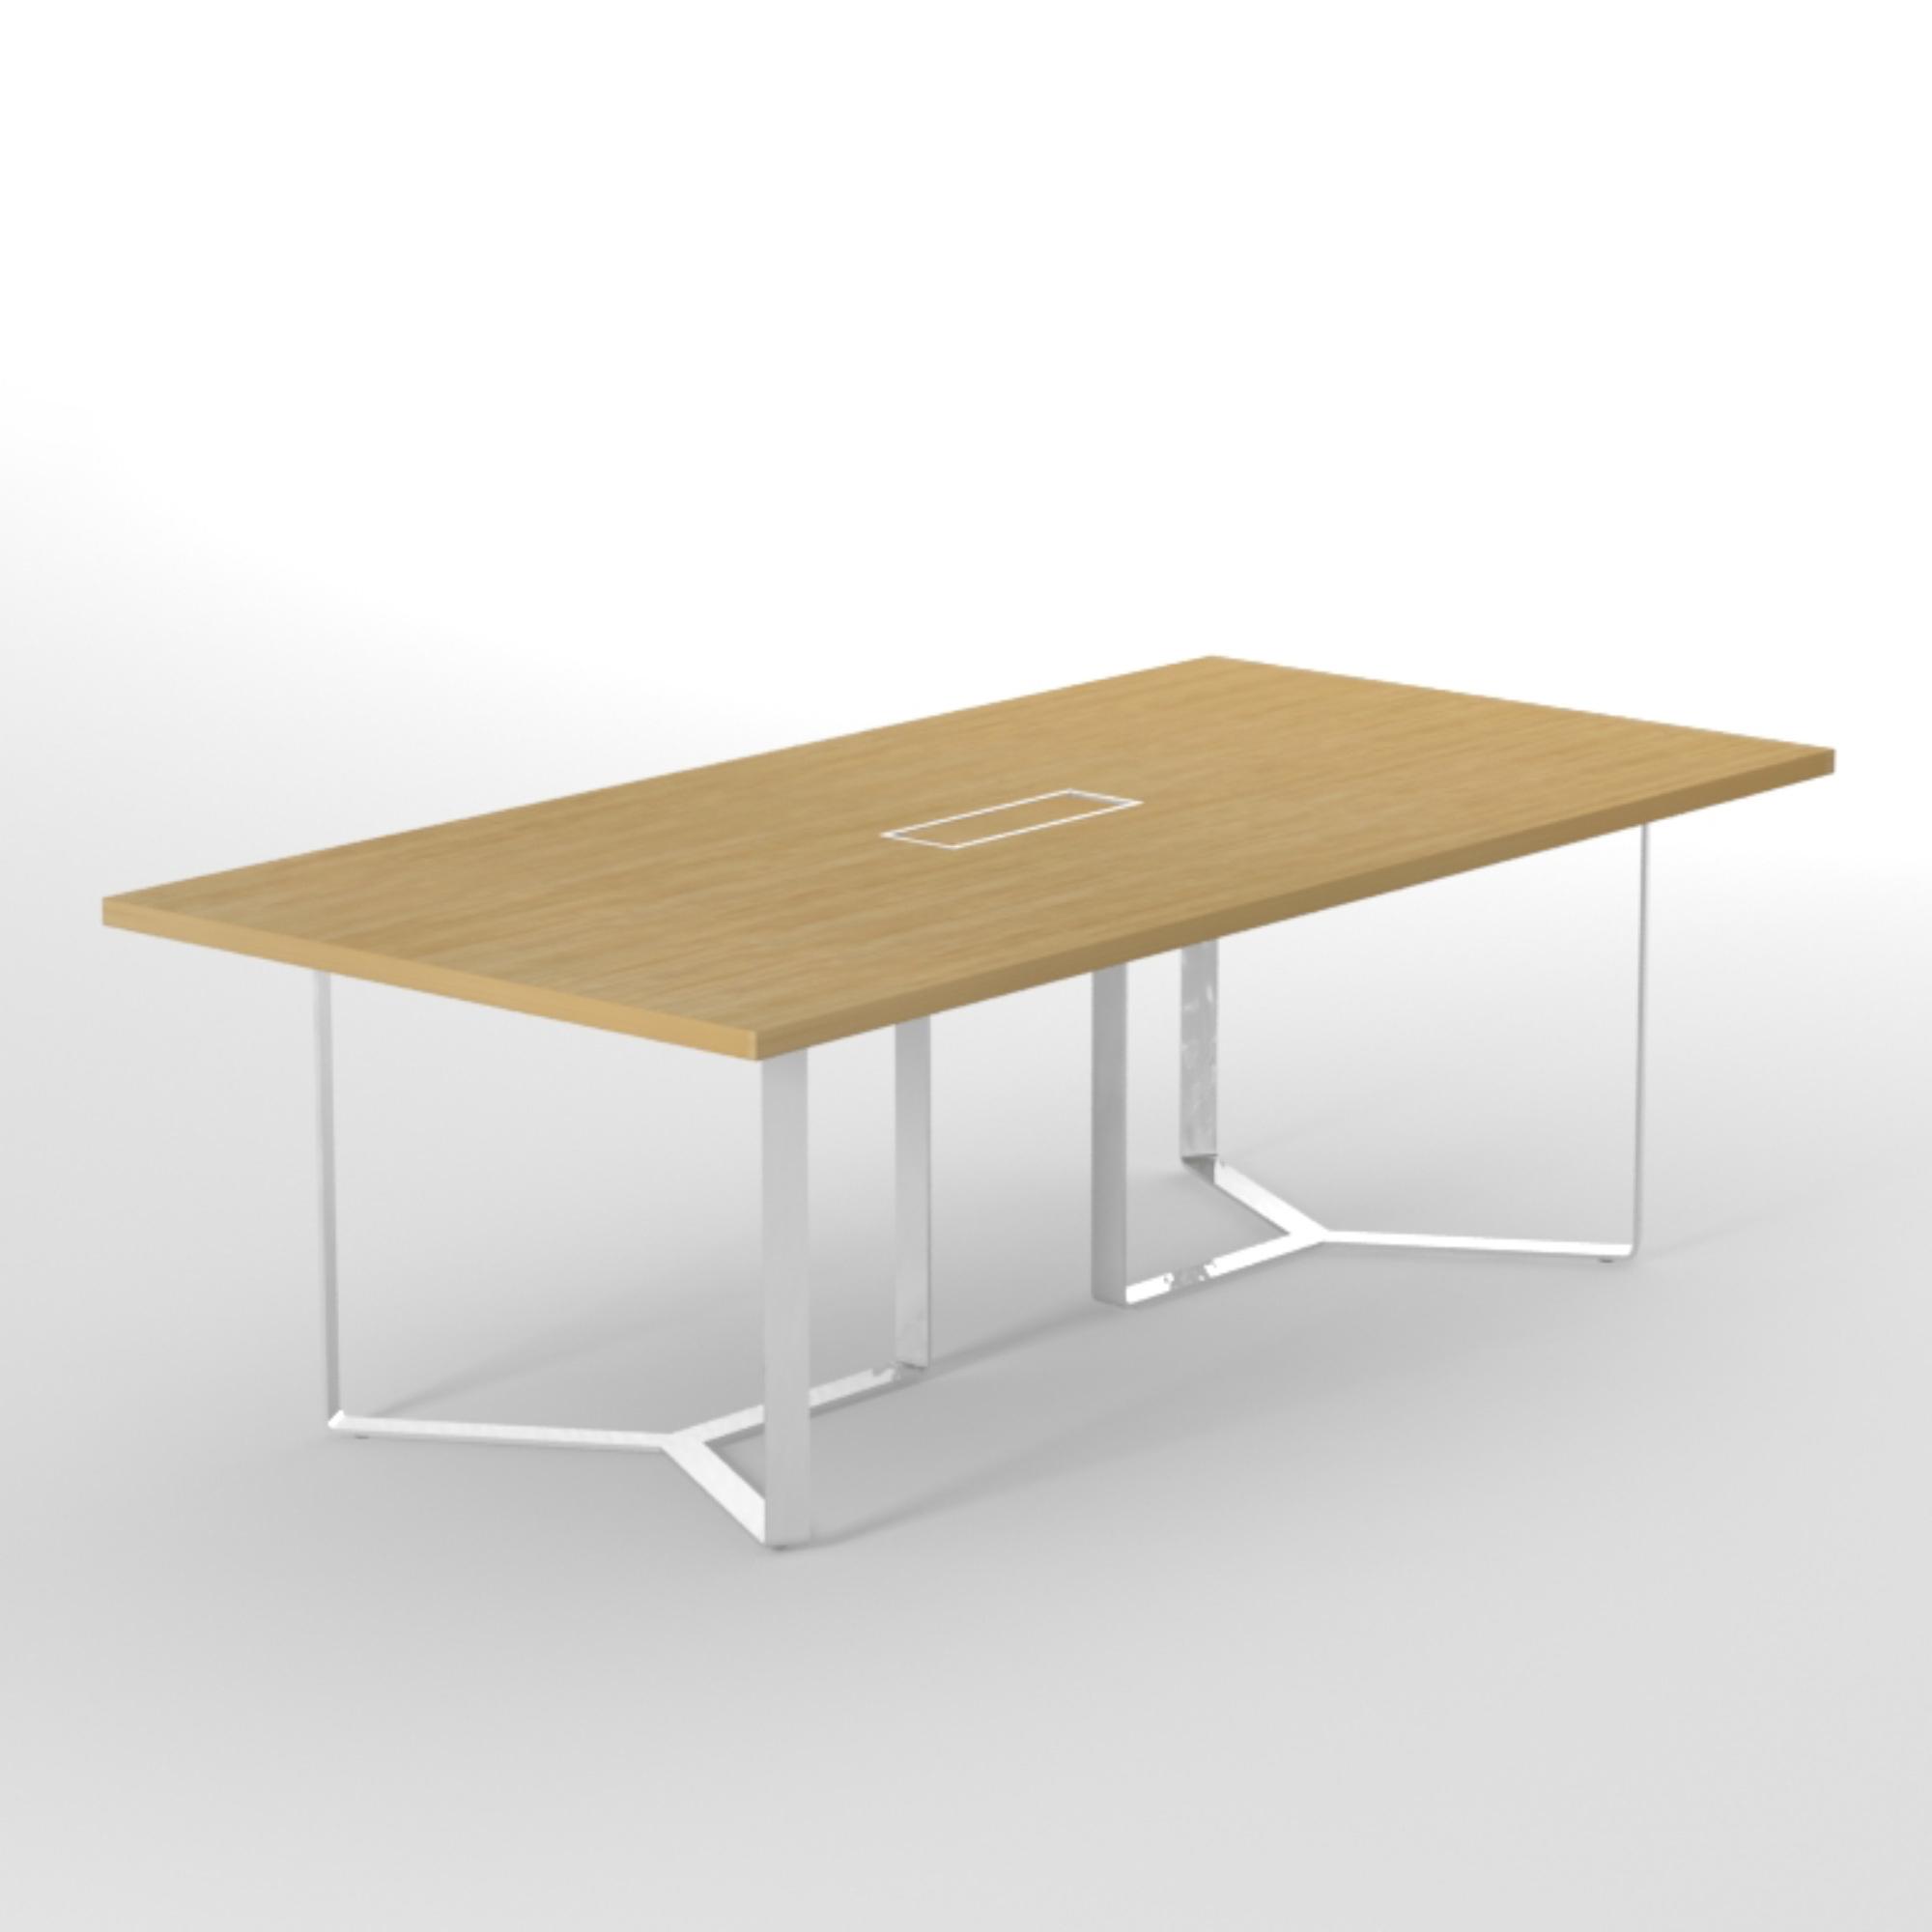 konferenztisch pure 240x120 cm mit metallgestell und. Black Bedroom Furniture Sets. Home Design Ideas